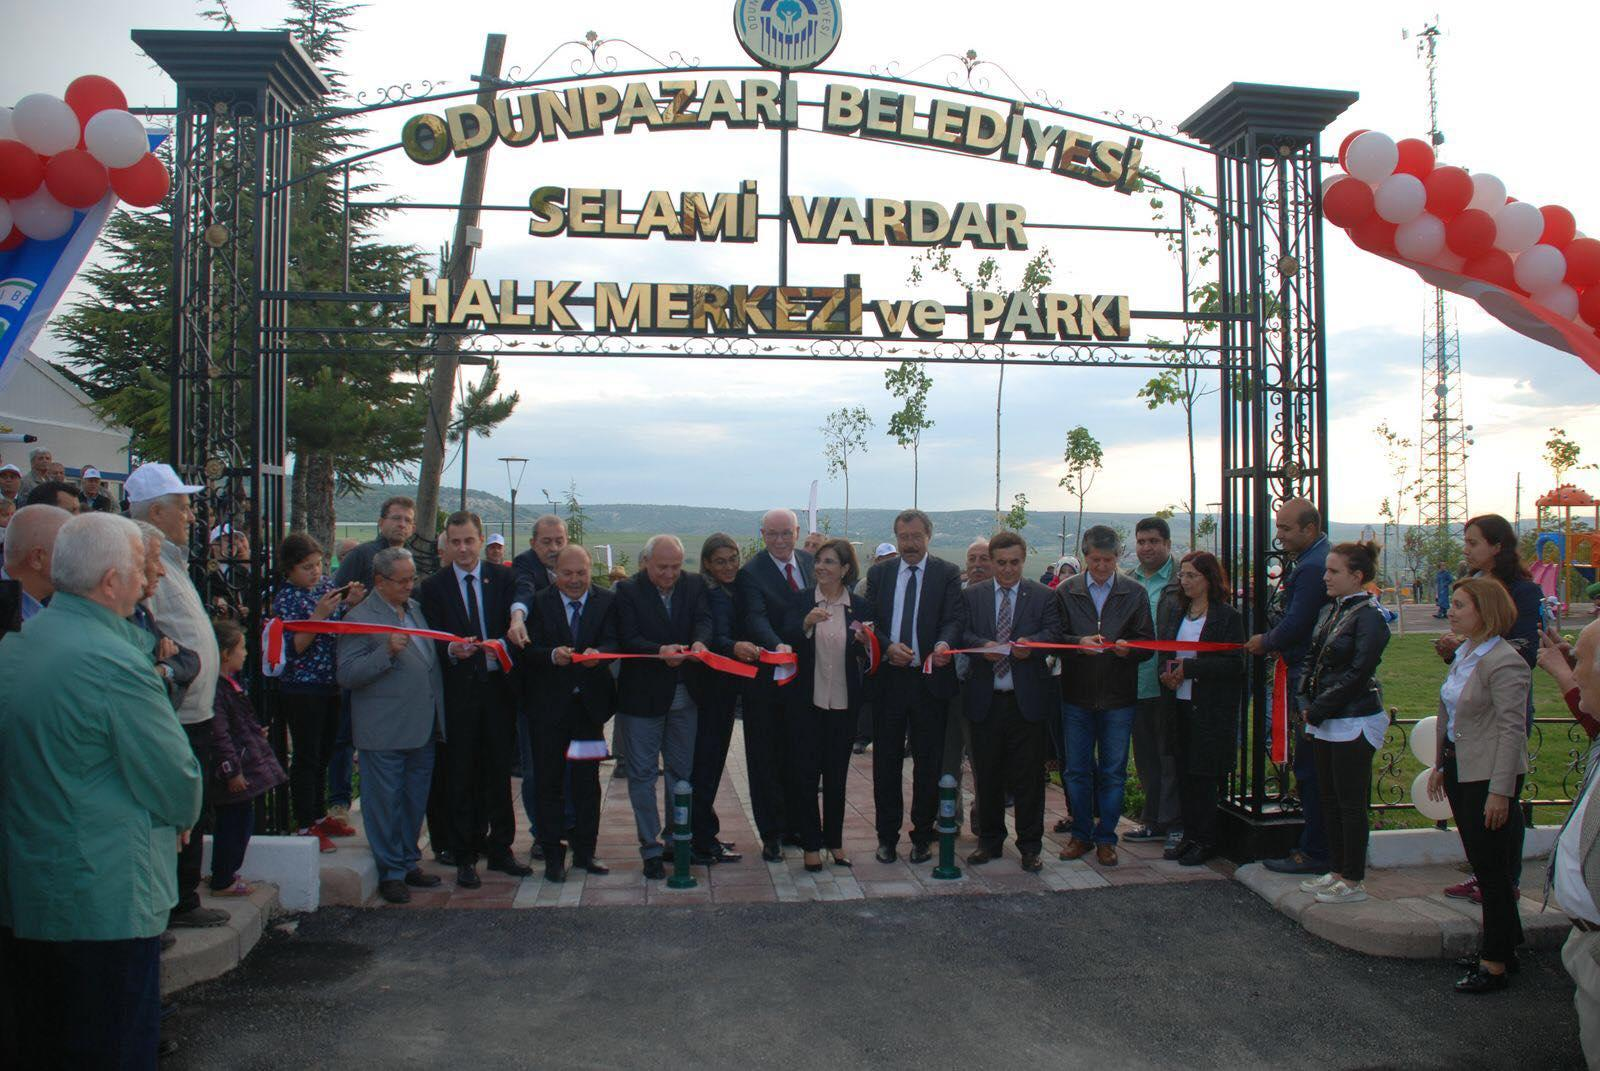 Selami Vardar Halk Merkezi ve Parkı'nda yok yok